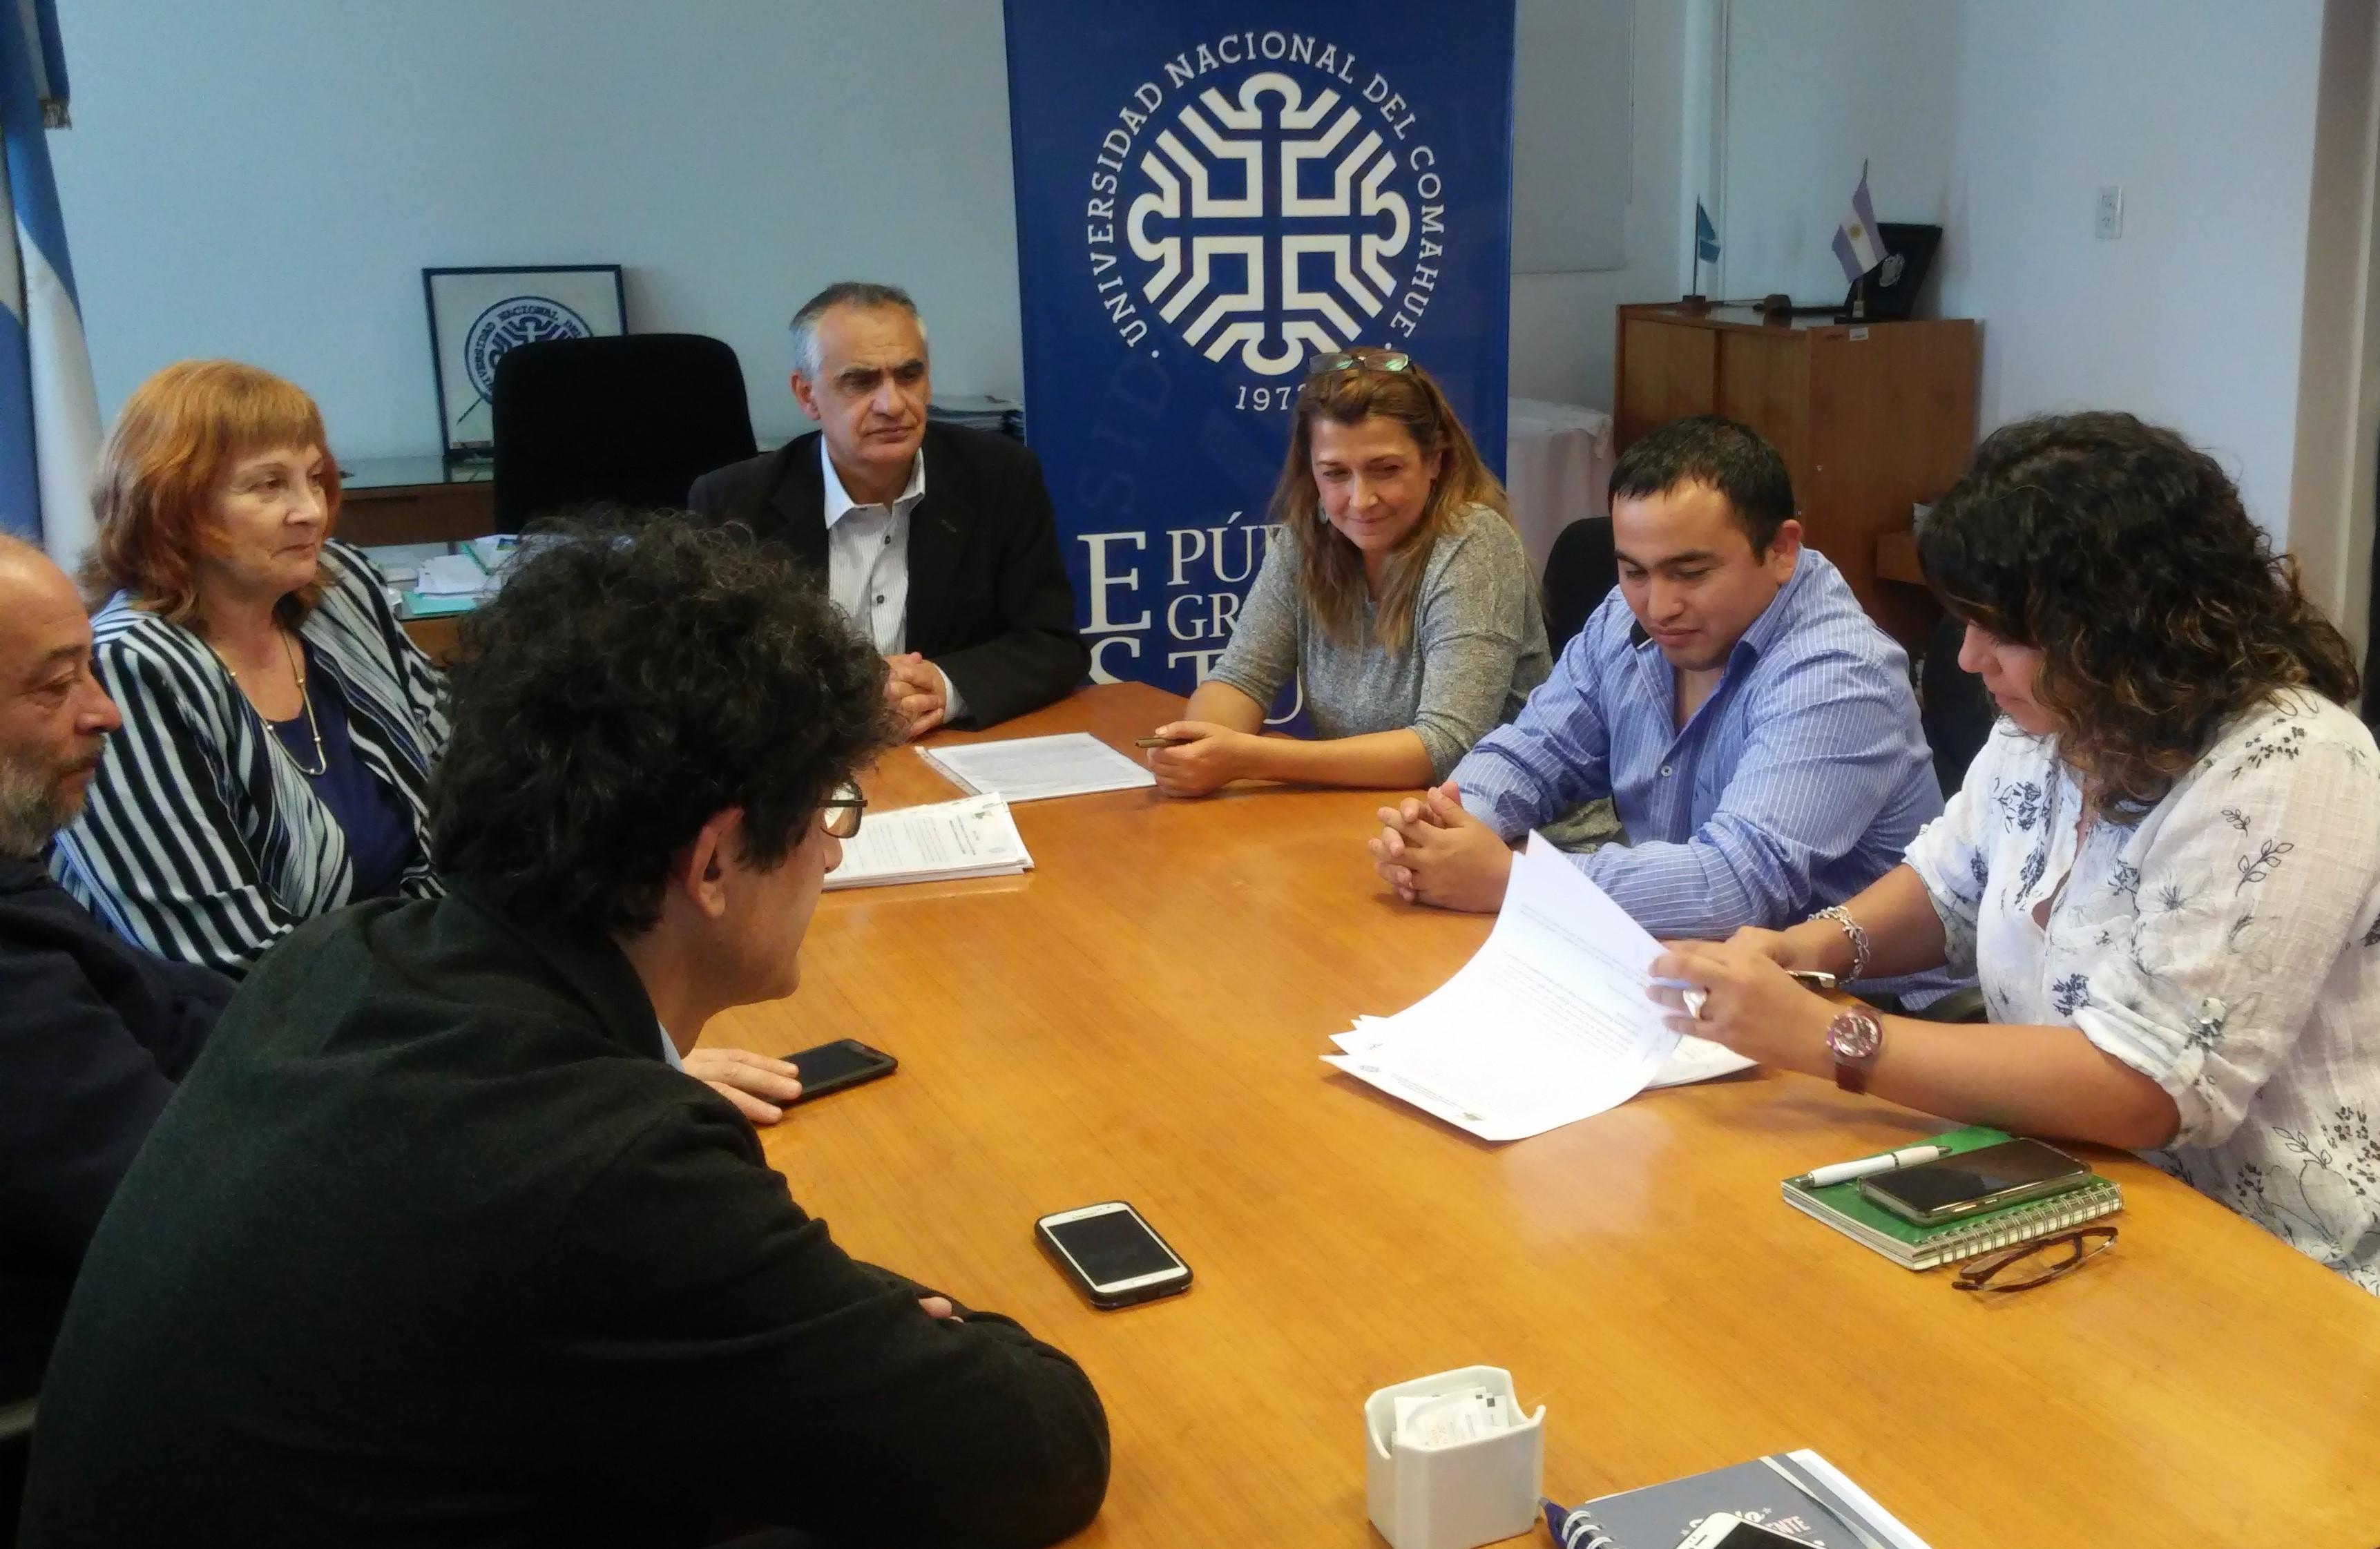 Se aprobó el reglamento del concurso de ingresos y ascenso para el personal no docente de la Universidad Nacional del Comahue.